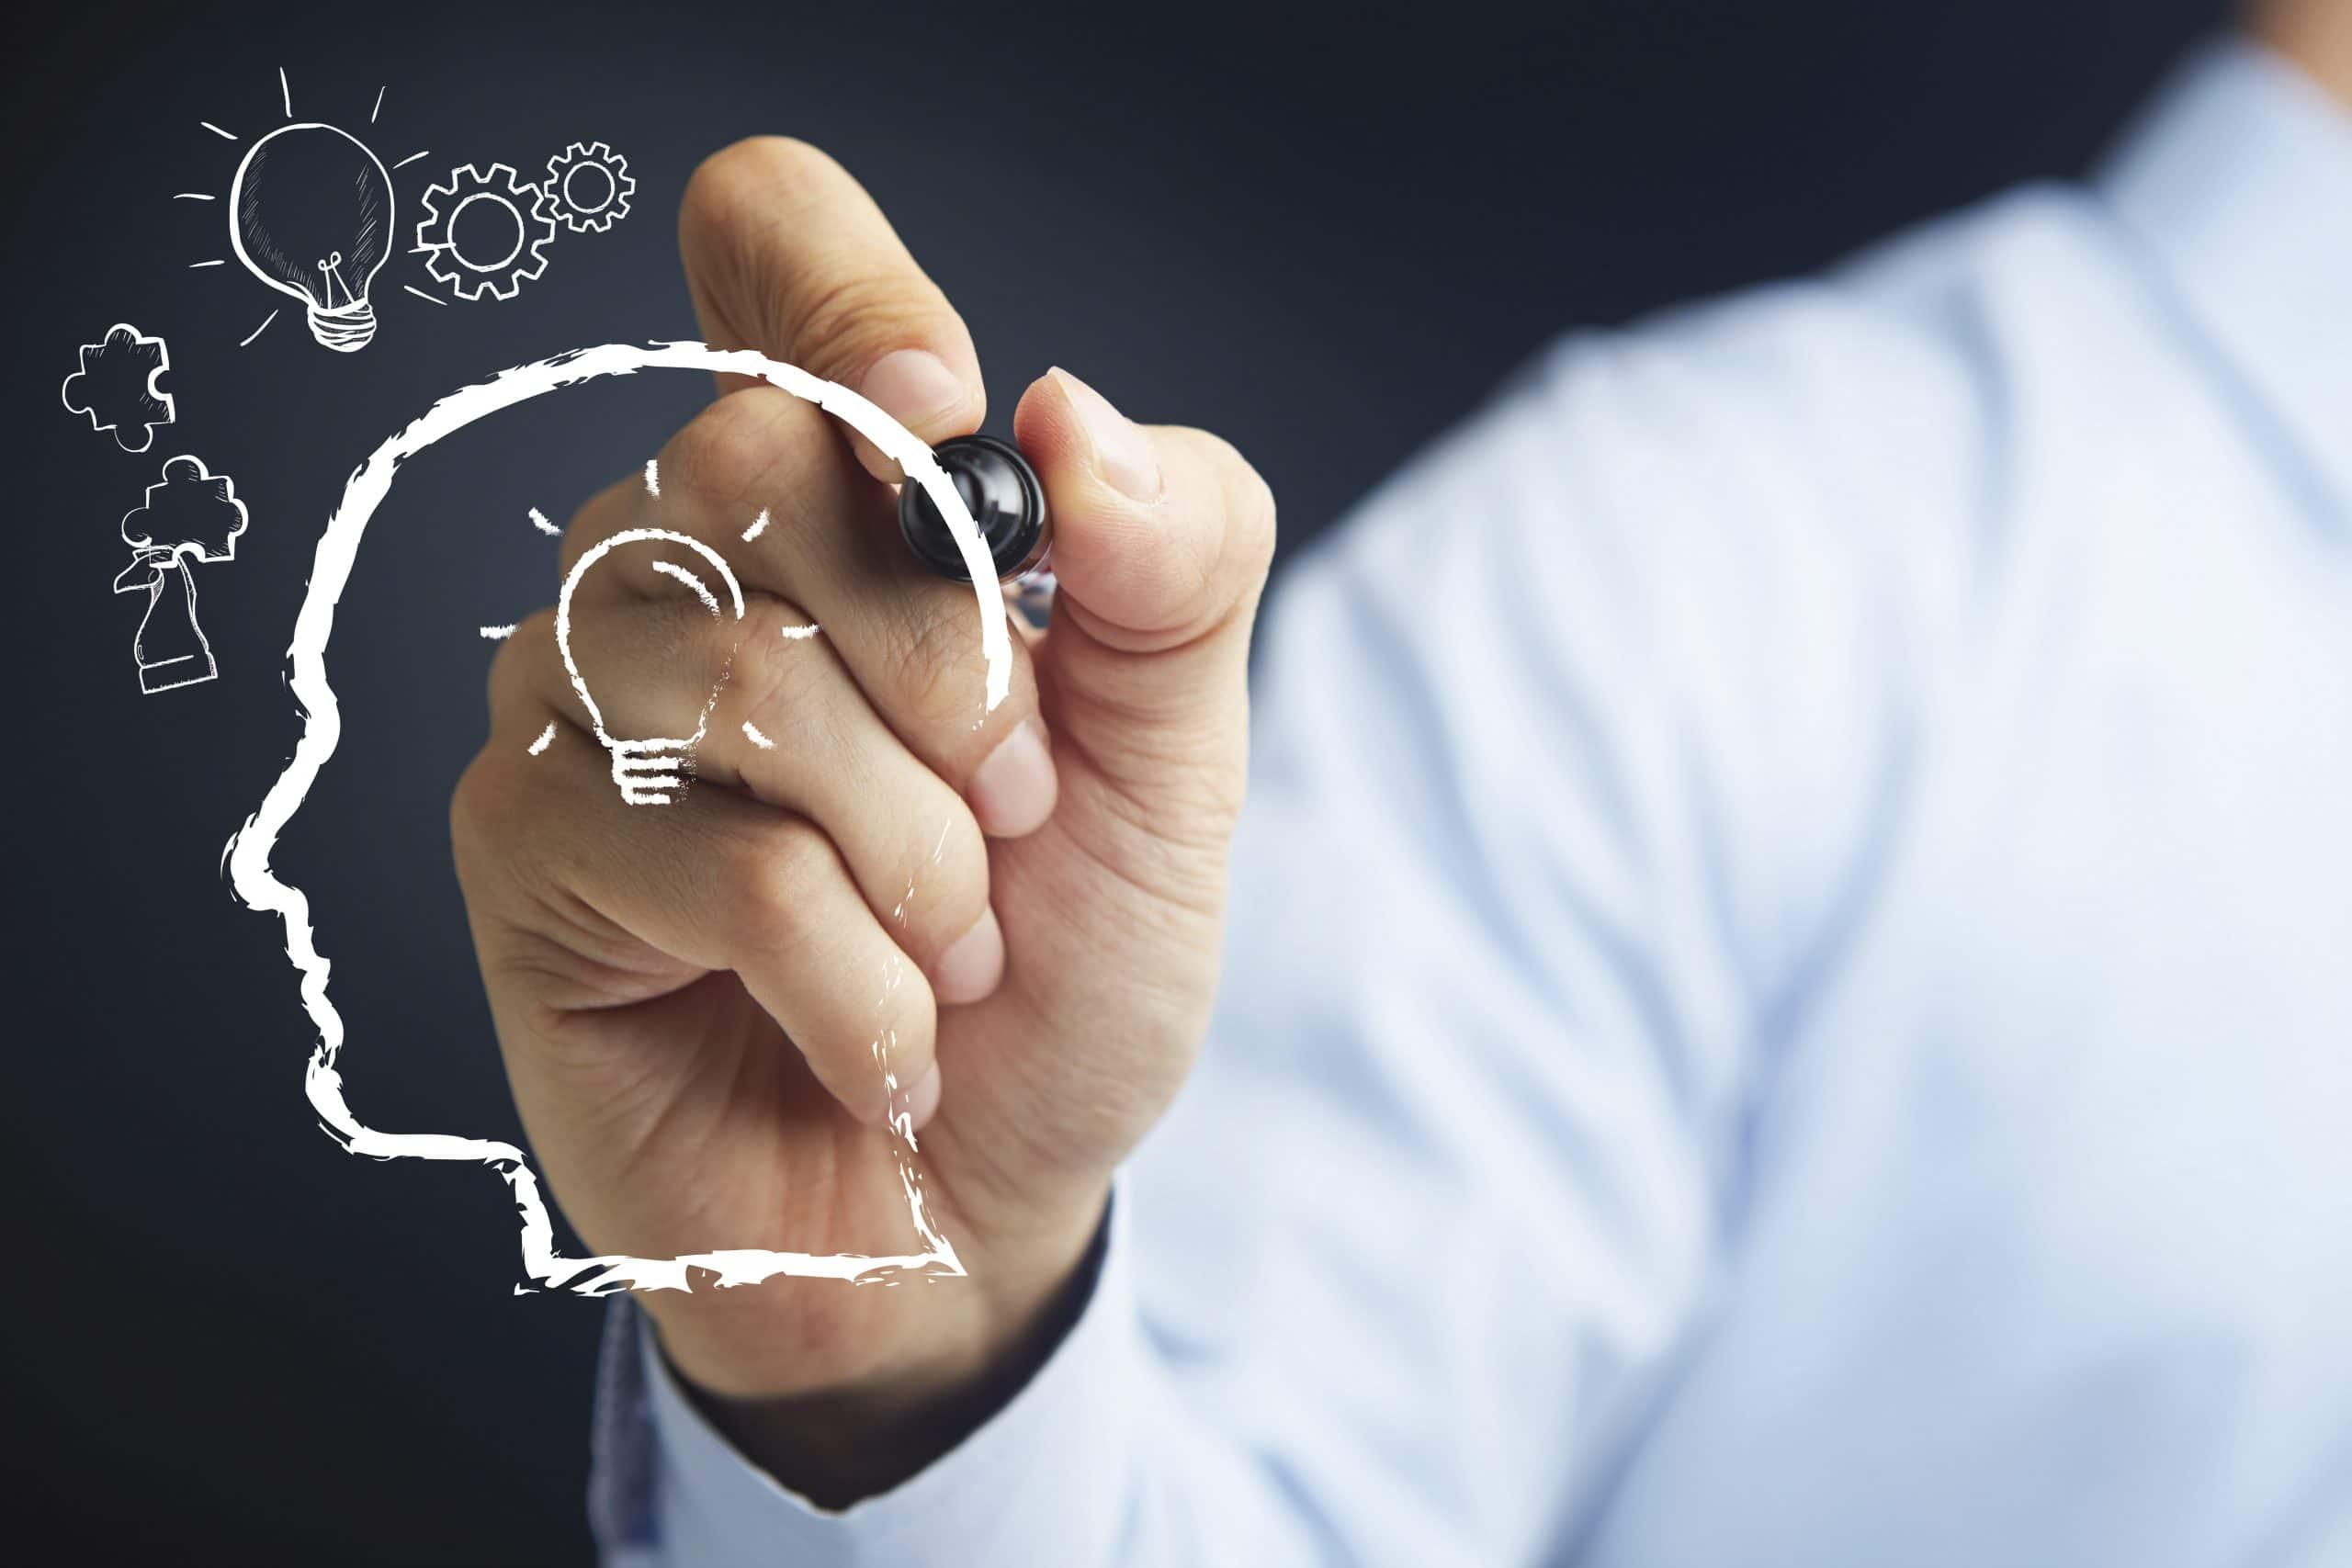 Approovd - gestion digitale des contrats pour les petites entreprises à un prix équitable